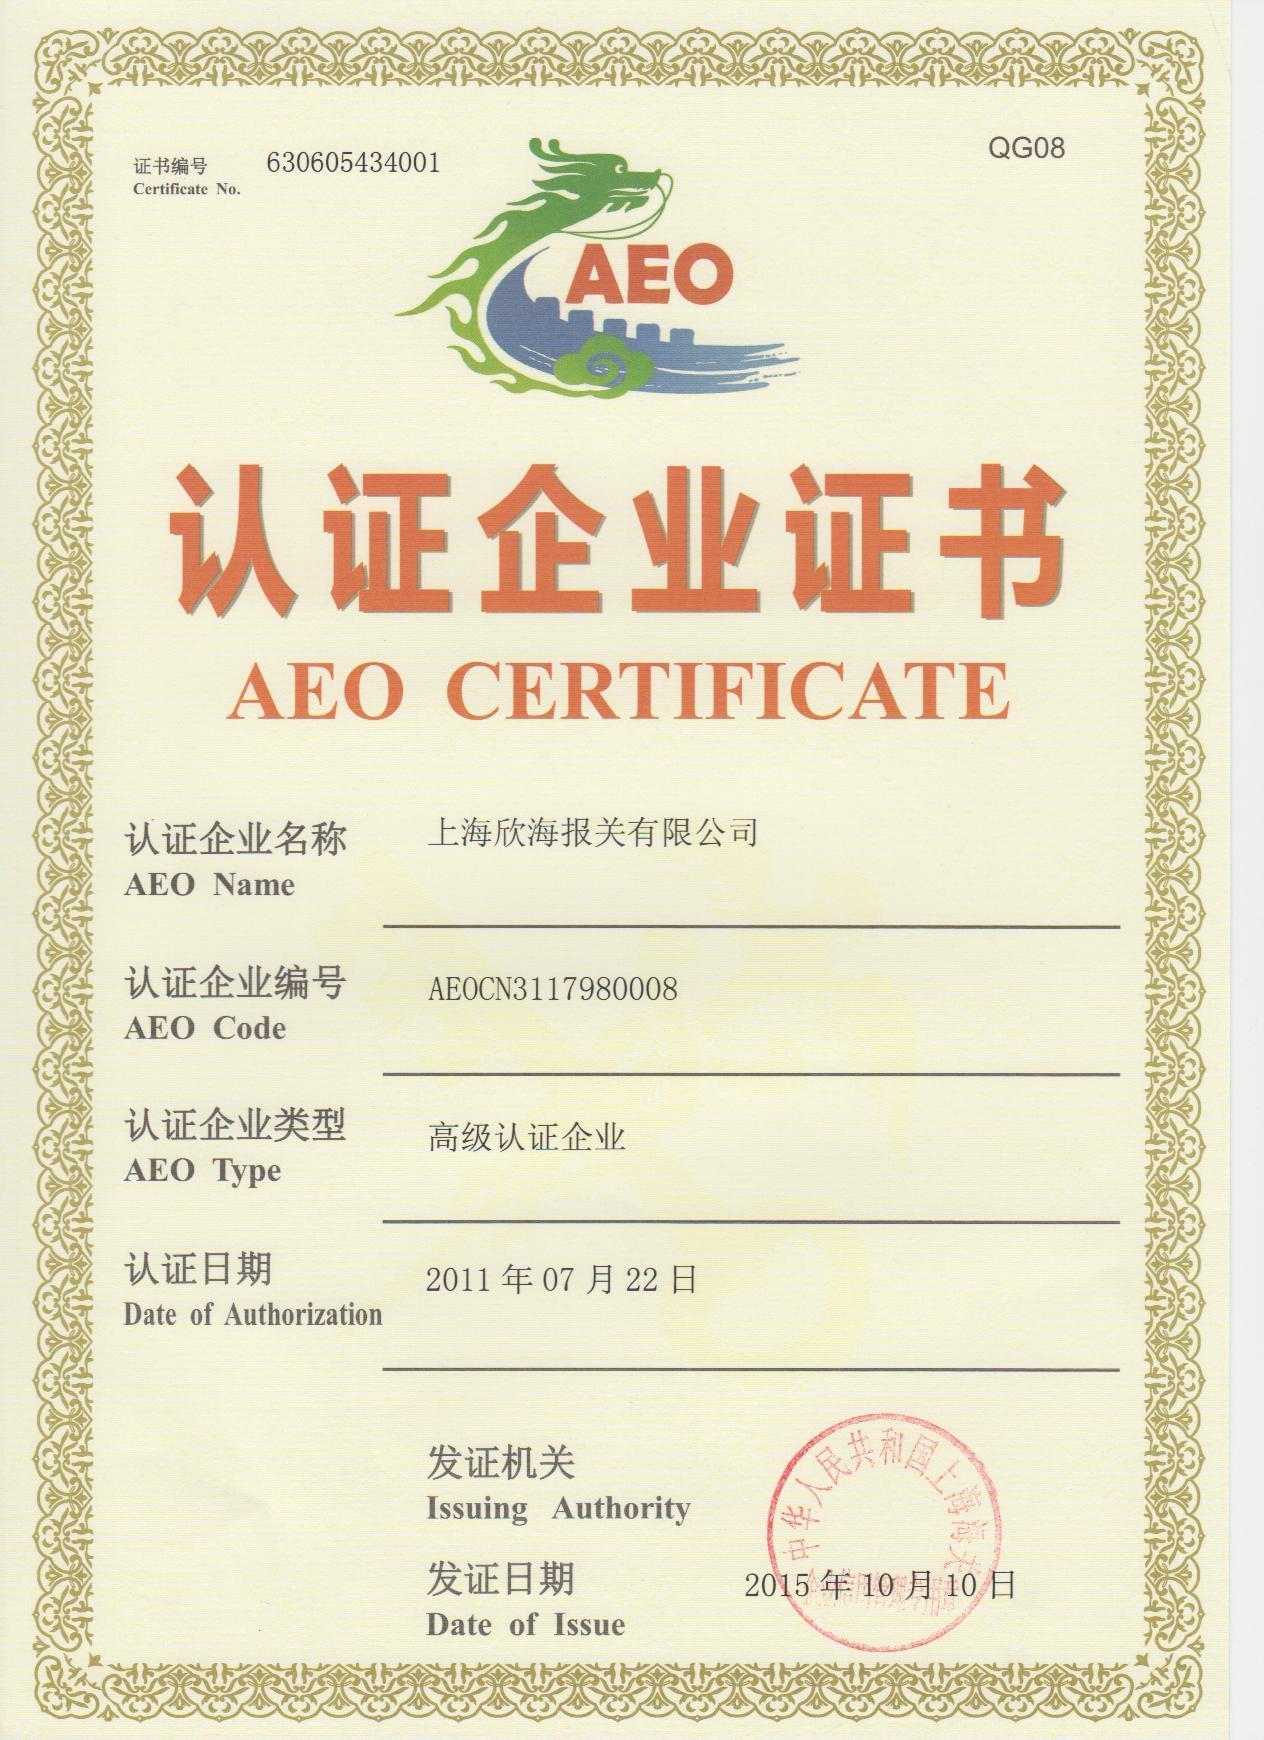 欣海报关荣获AEO高级认证企业